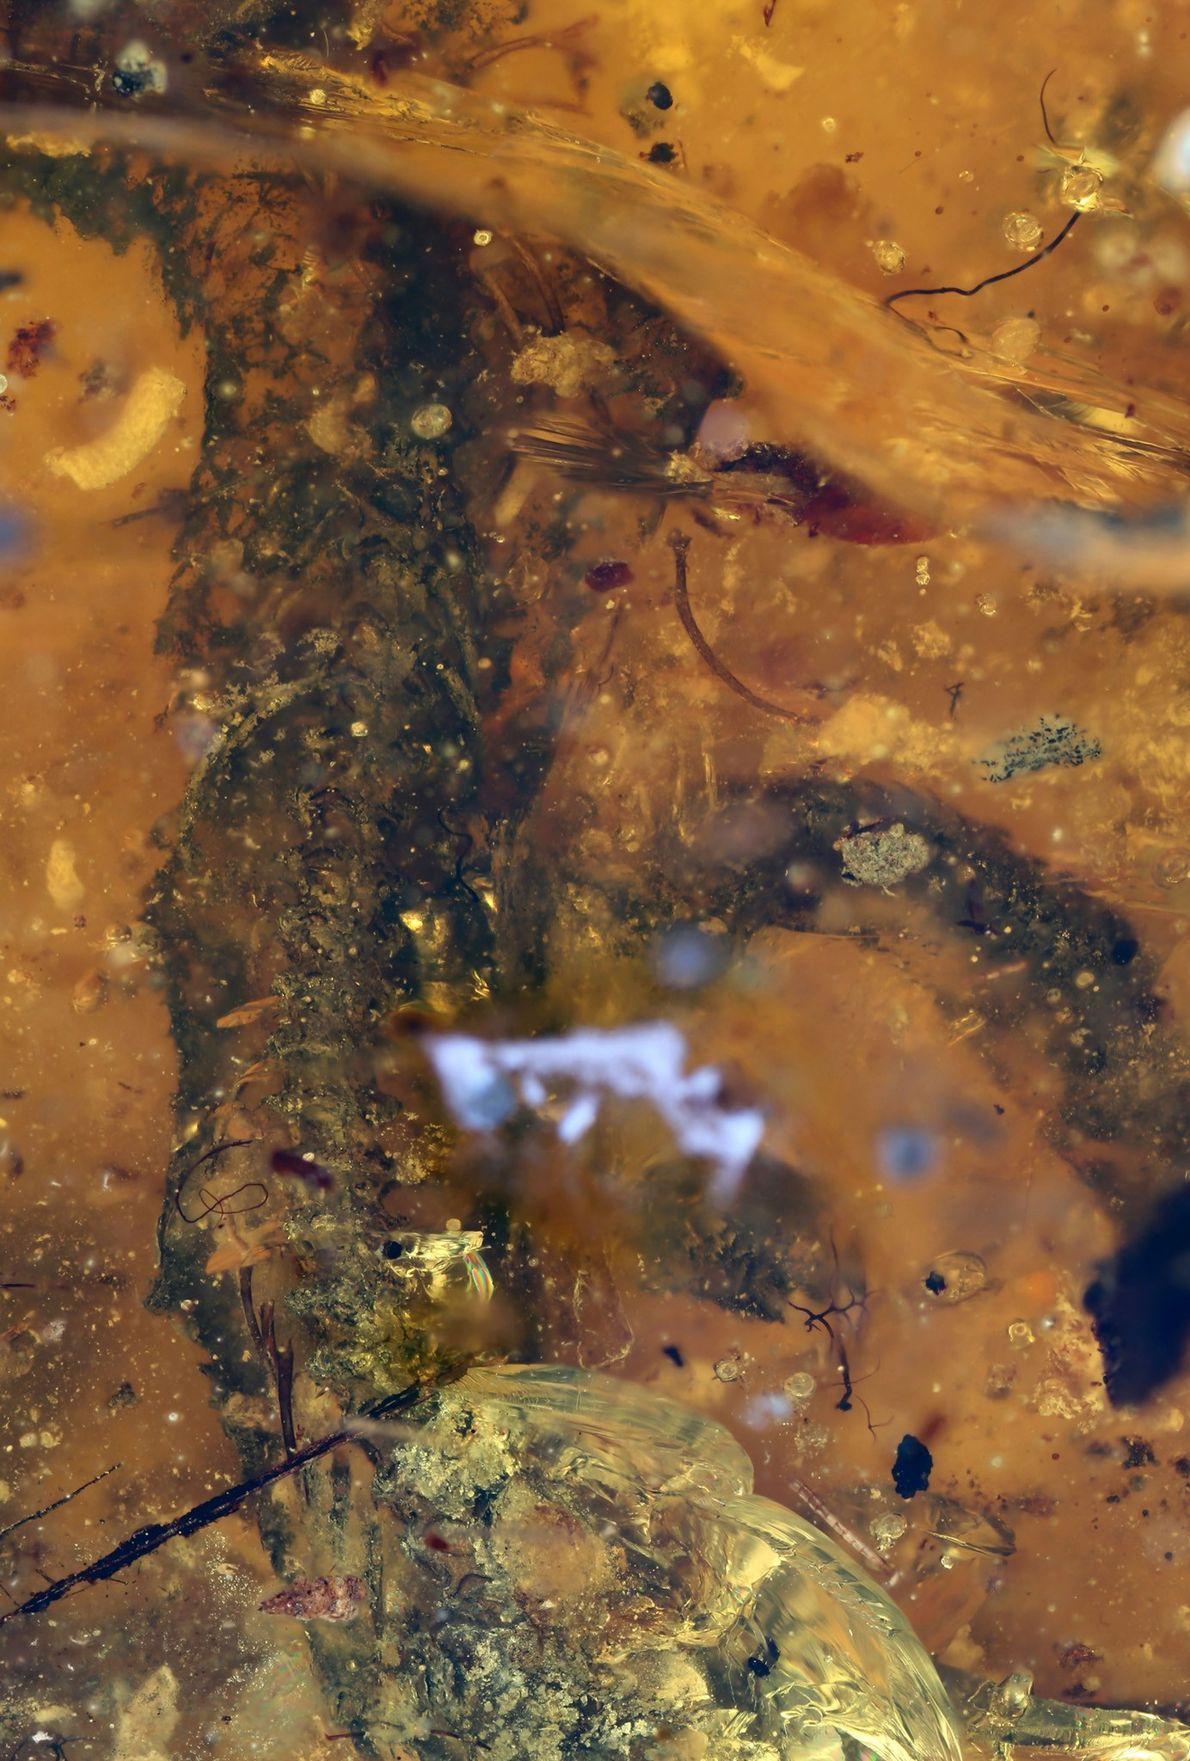 Imagem aumentada da barriga da cria de serpente fossilizada.